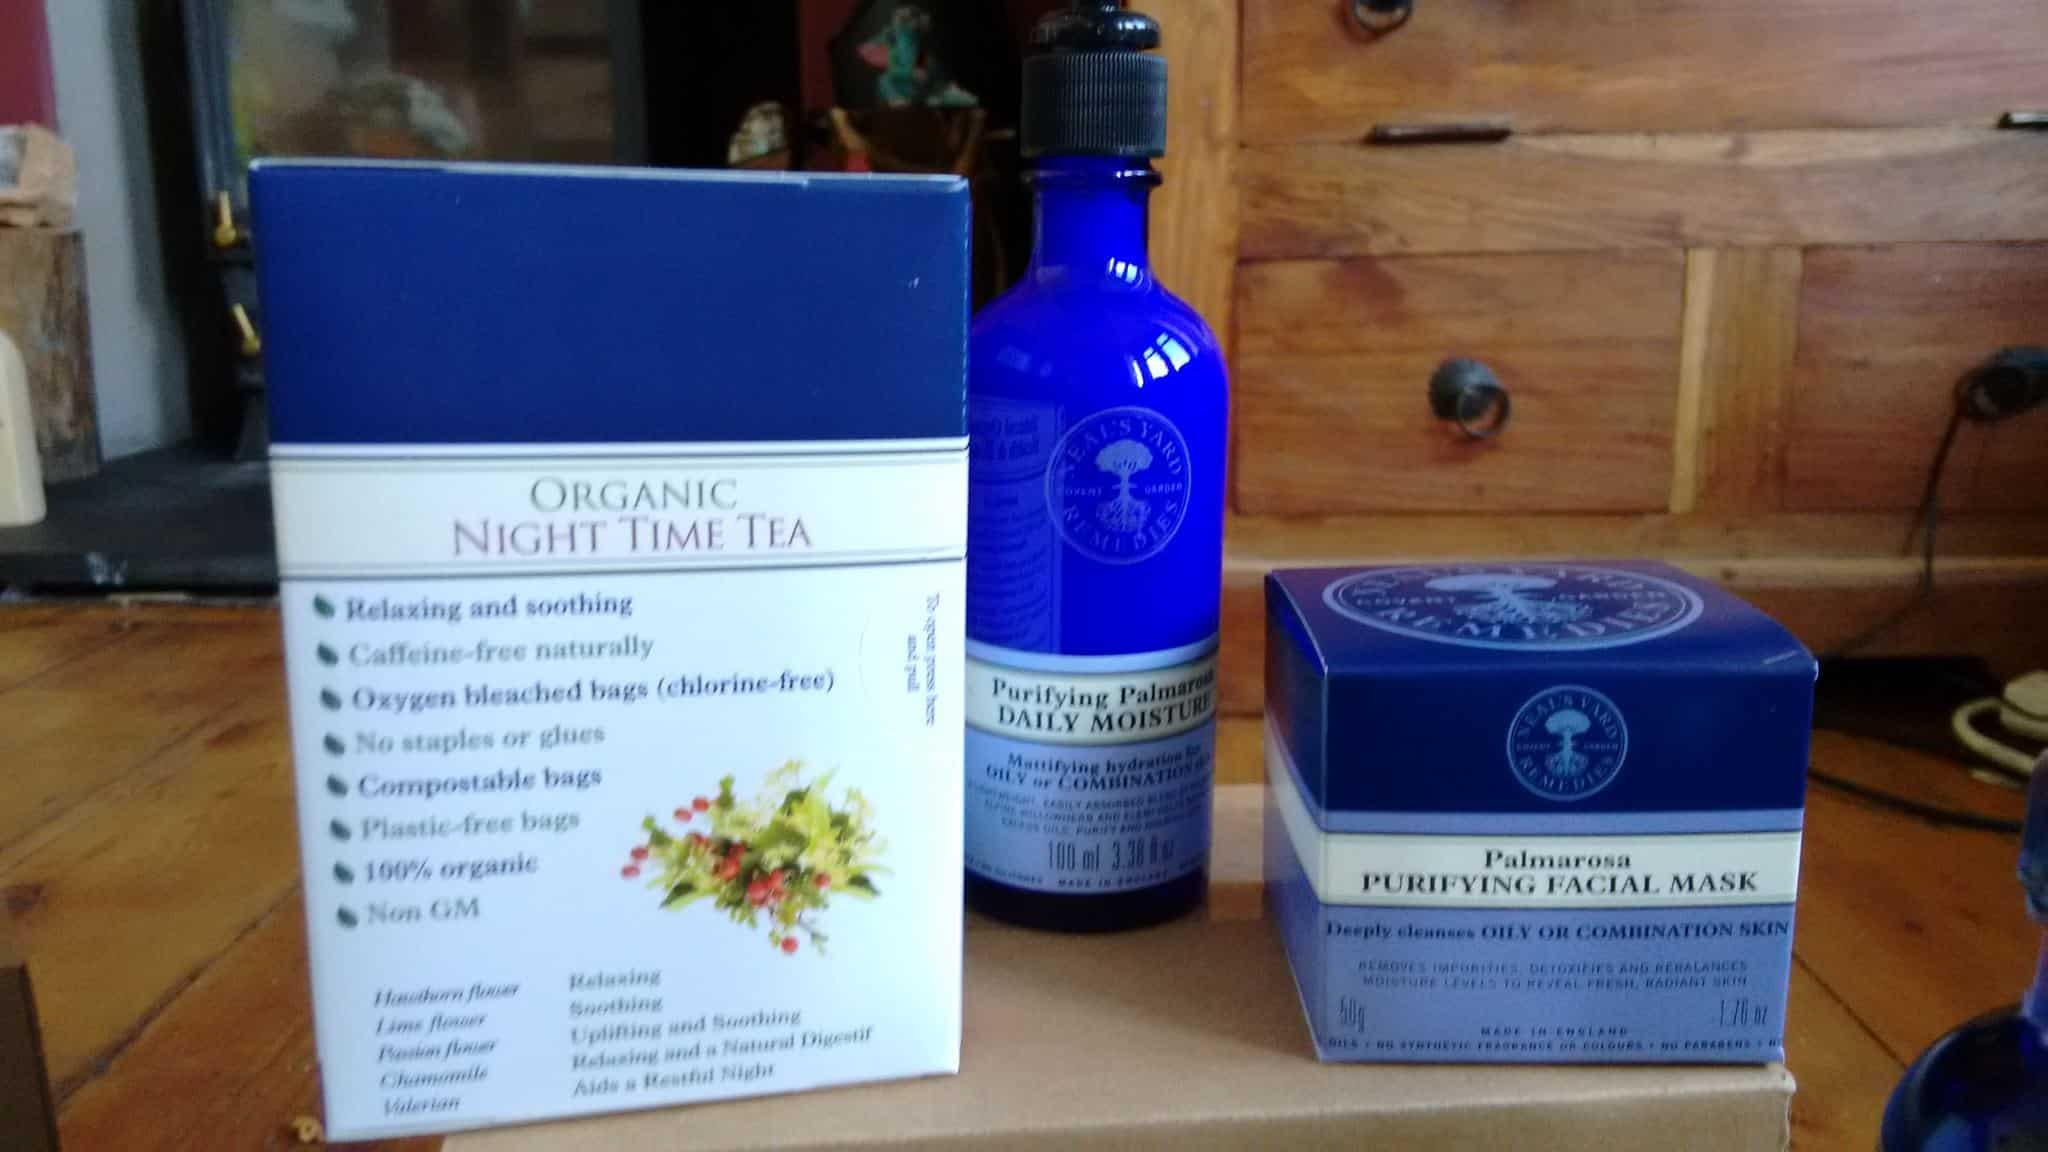 Palmarosa and Tea